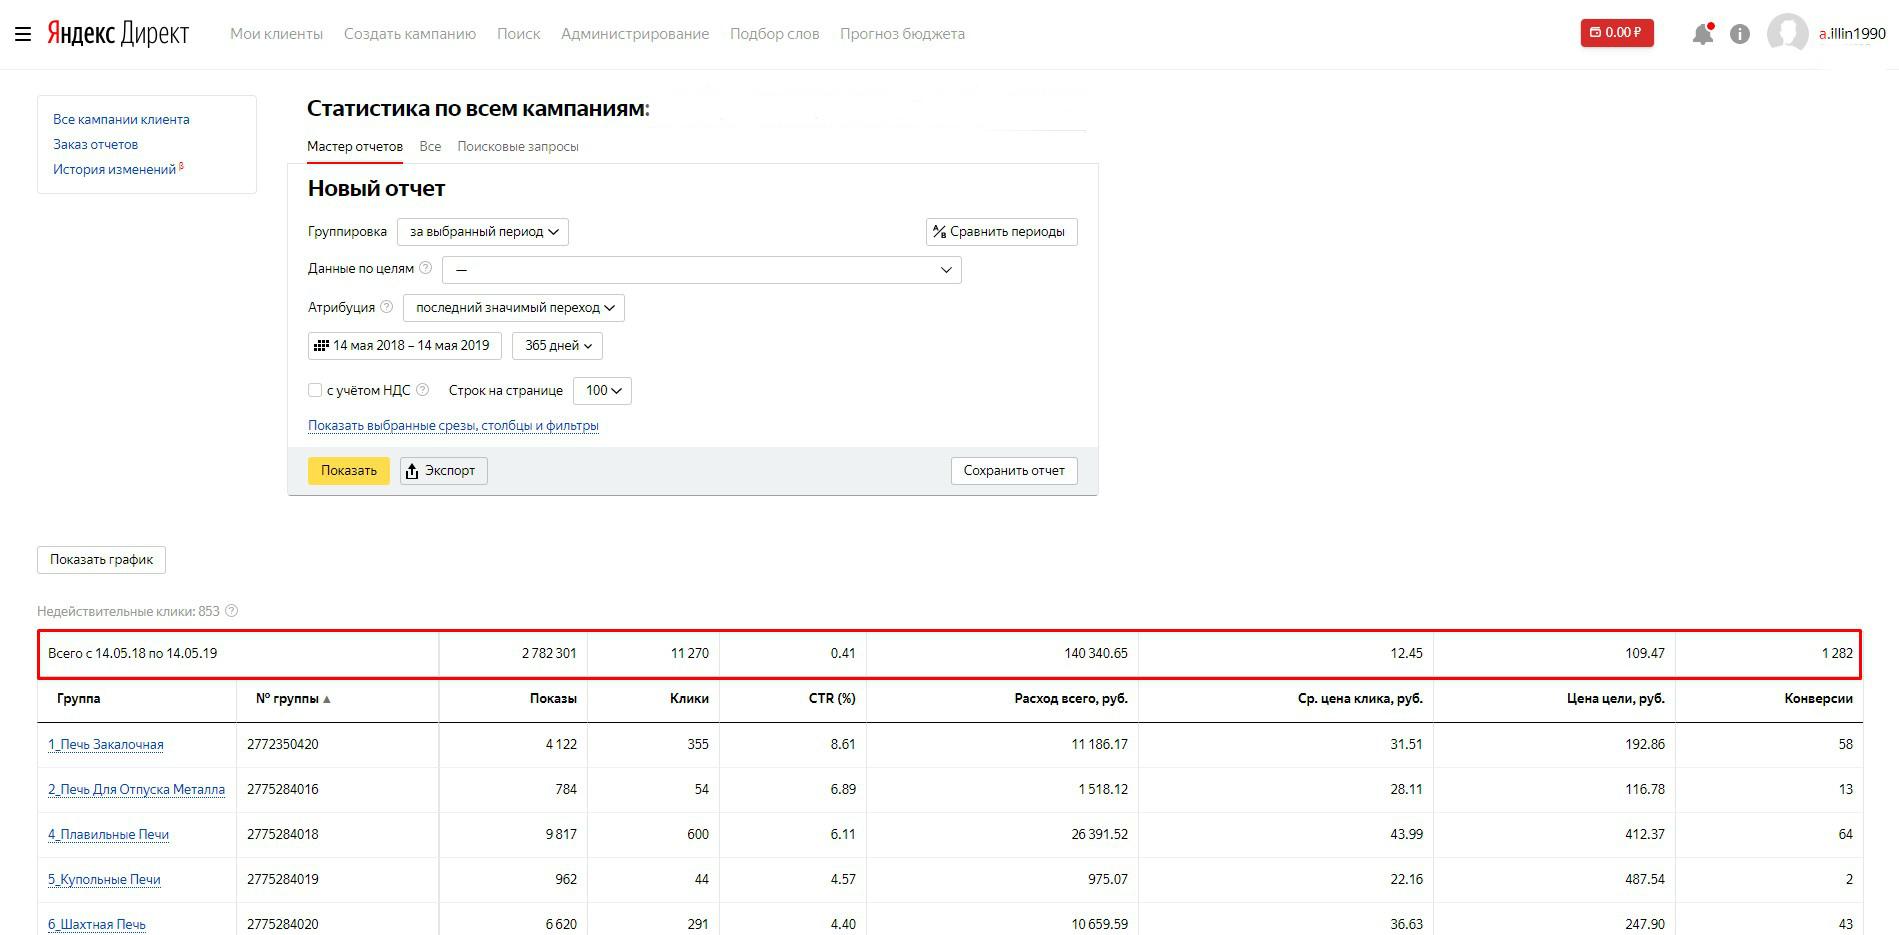 Яндекс Директ Печи промышленные